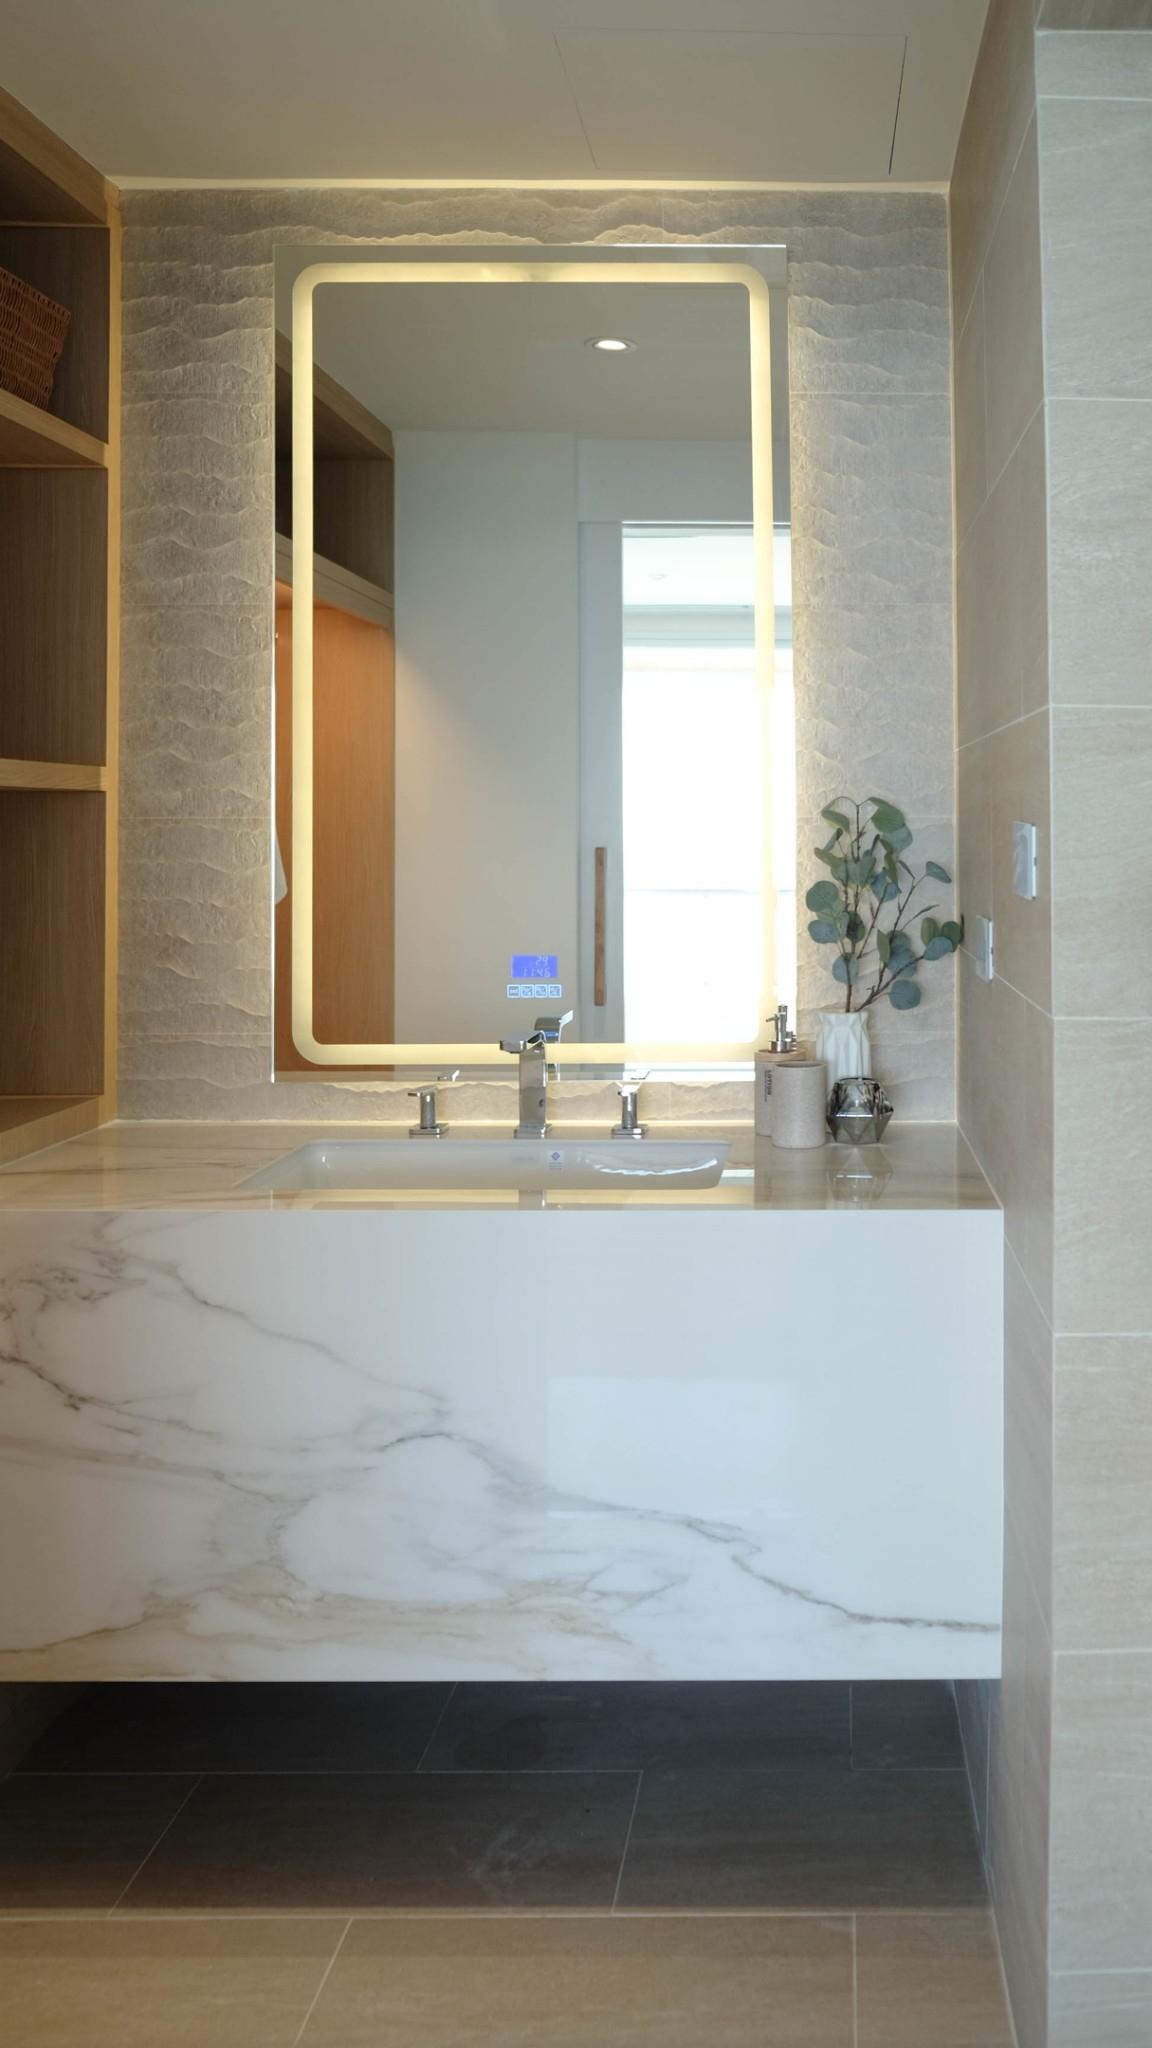 รับสร้างโรงแรม รีสอร์ต วิลล่า คาเฟ่ งานออกแบบ ตกแต่งภายในครบวงจร